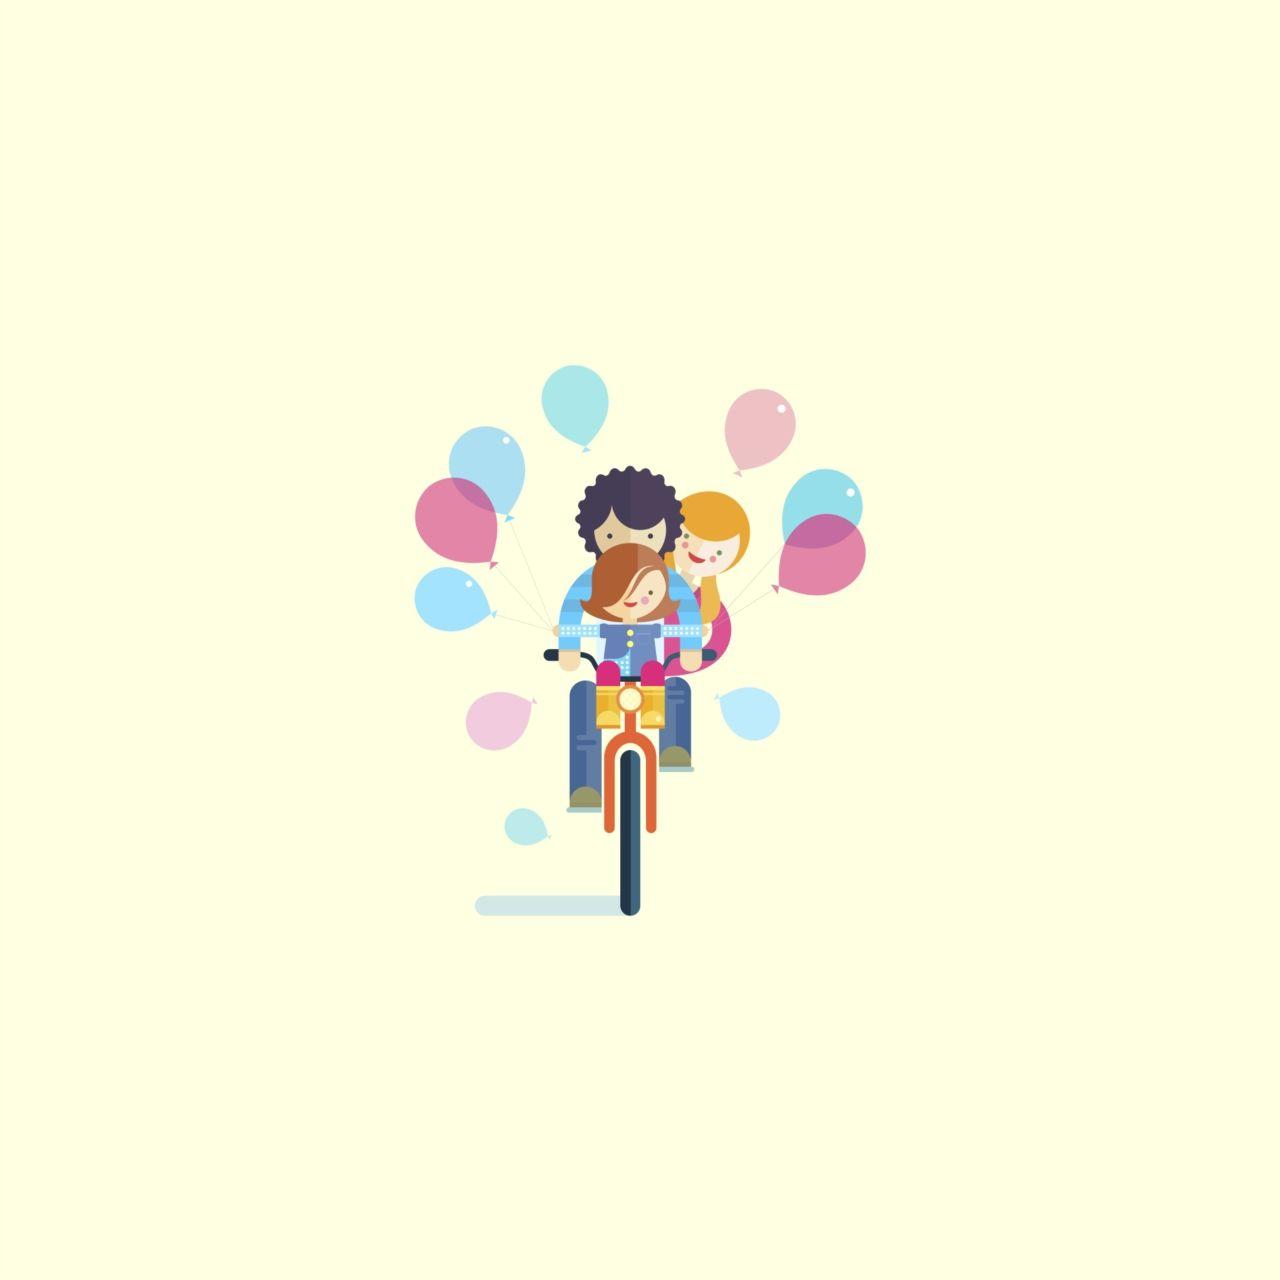 A family ride | Royalty-free licensable illustration by Álvaro del Castillo